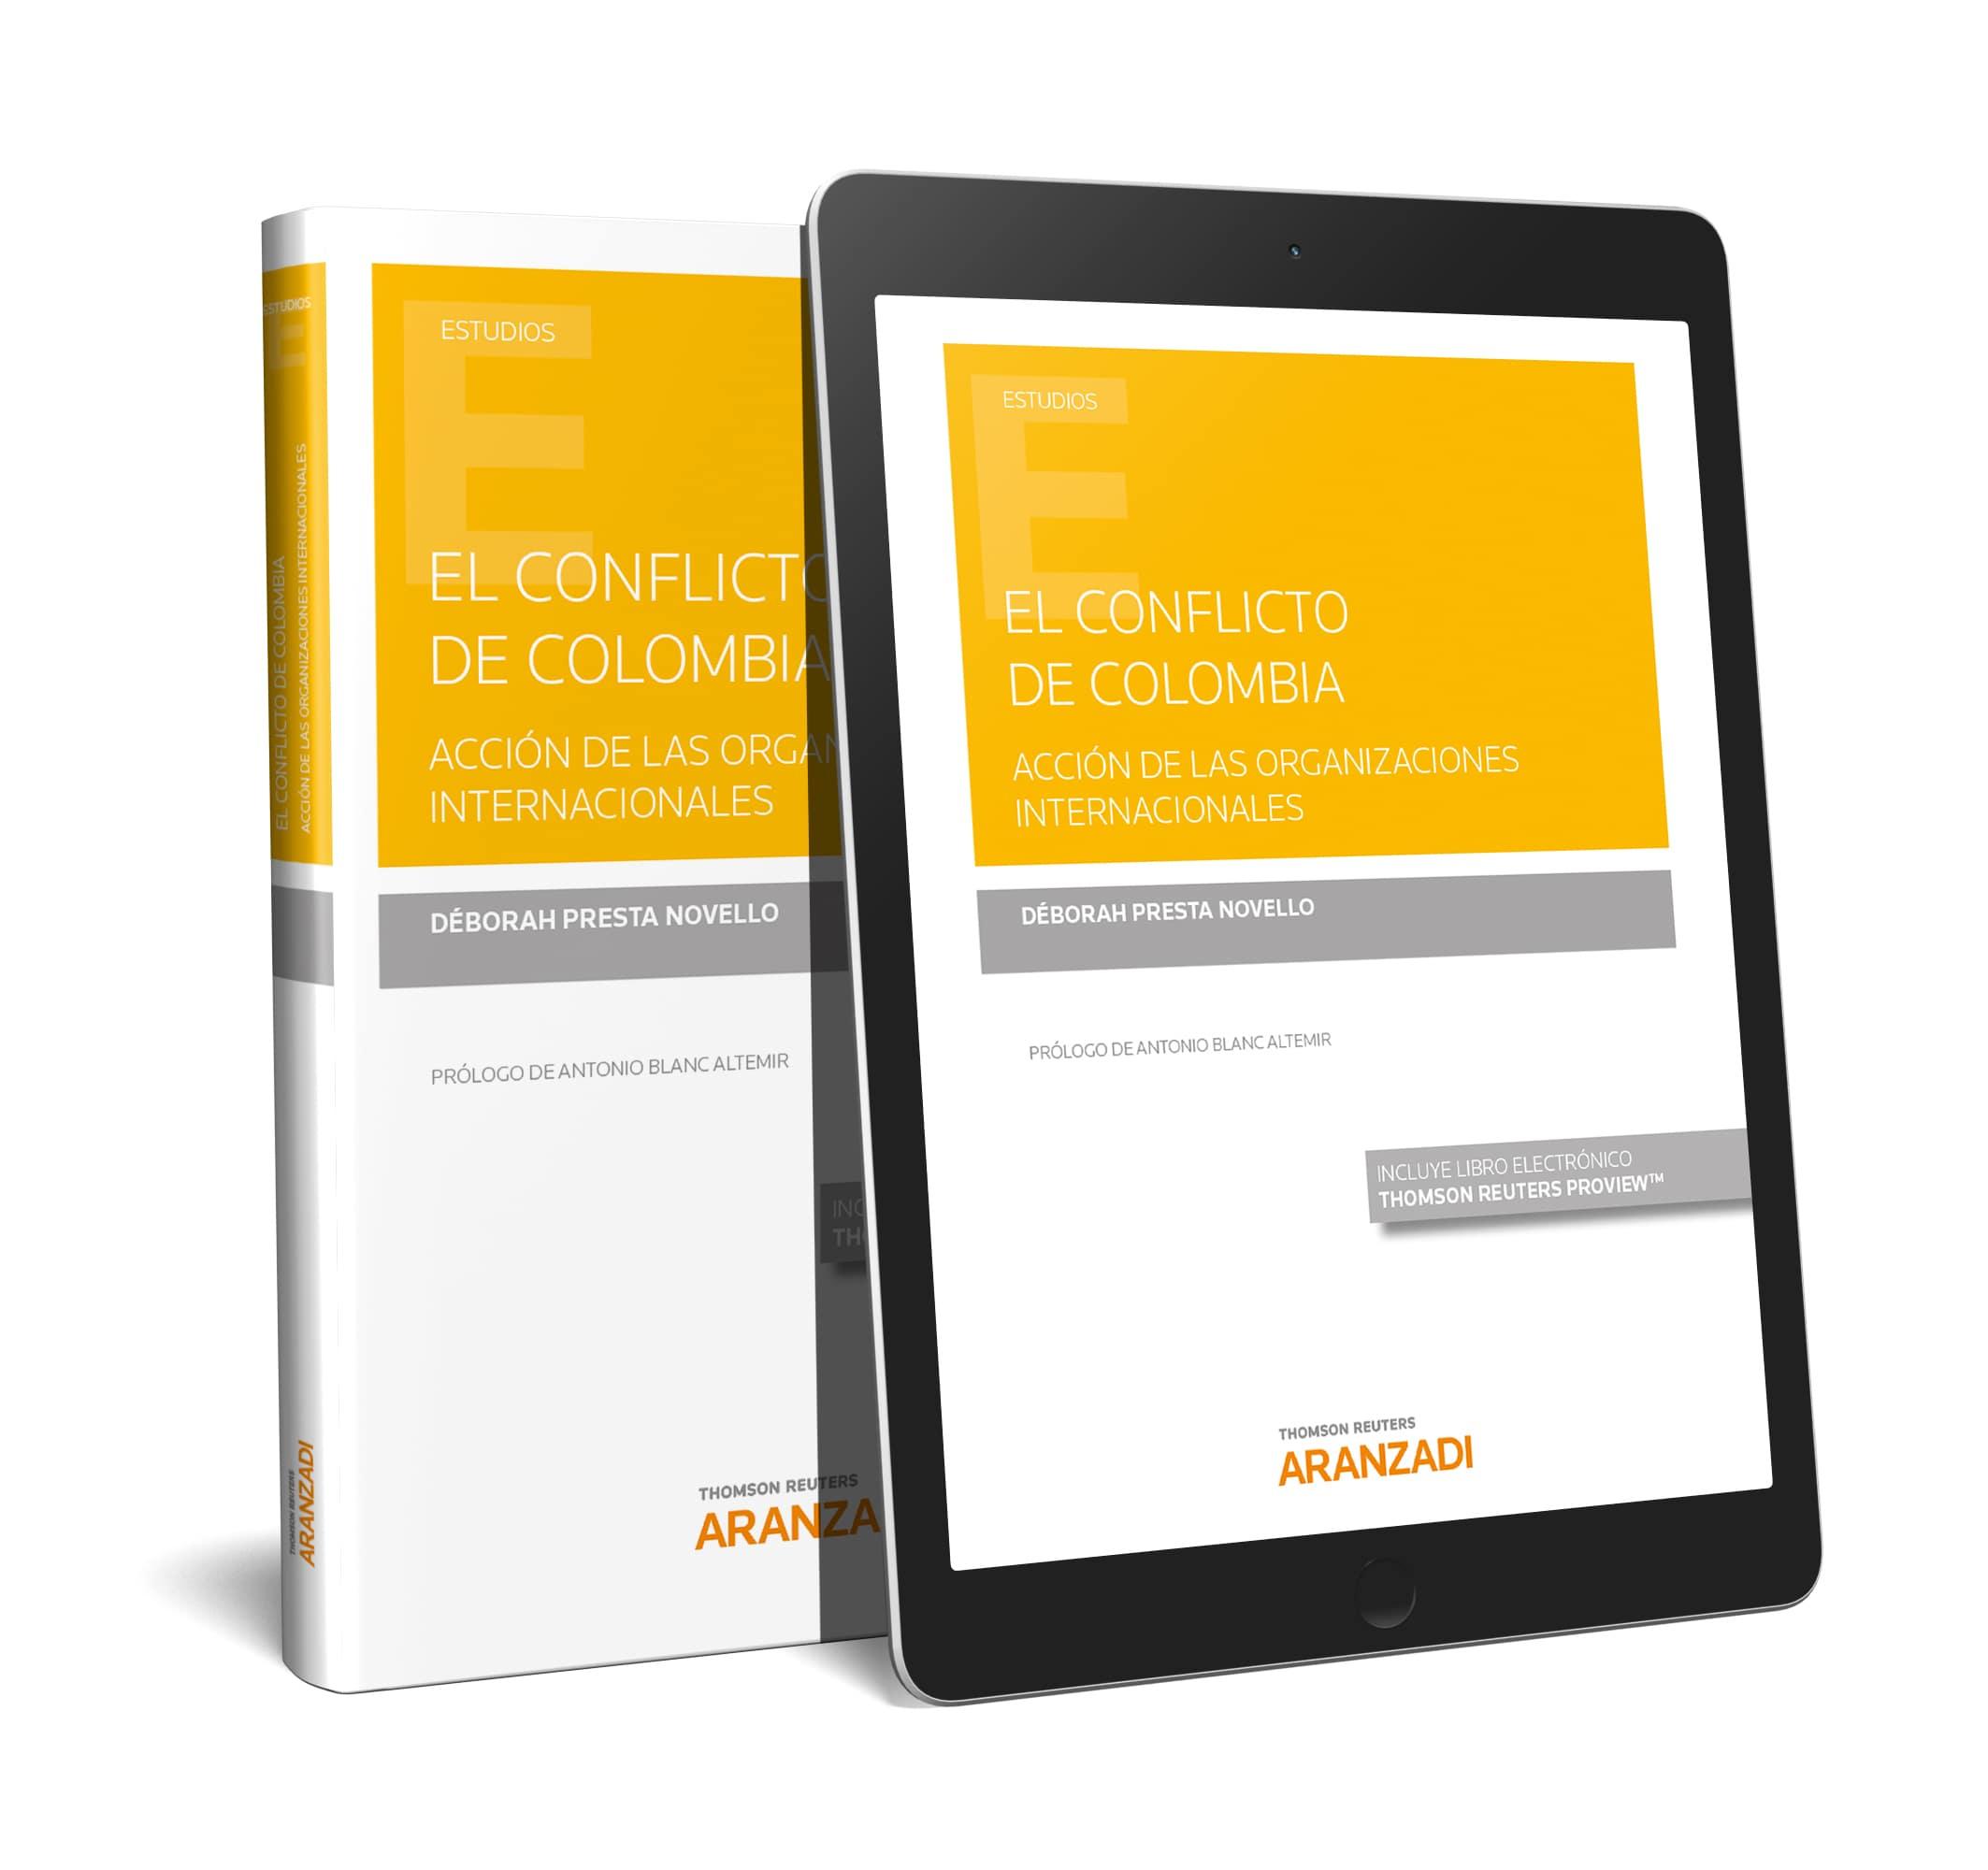 Conflicto de Colombia, El. «Acción de las organizaciones internacionales»